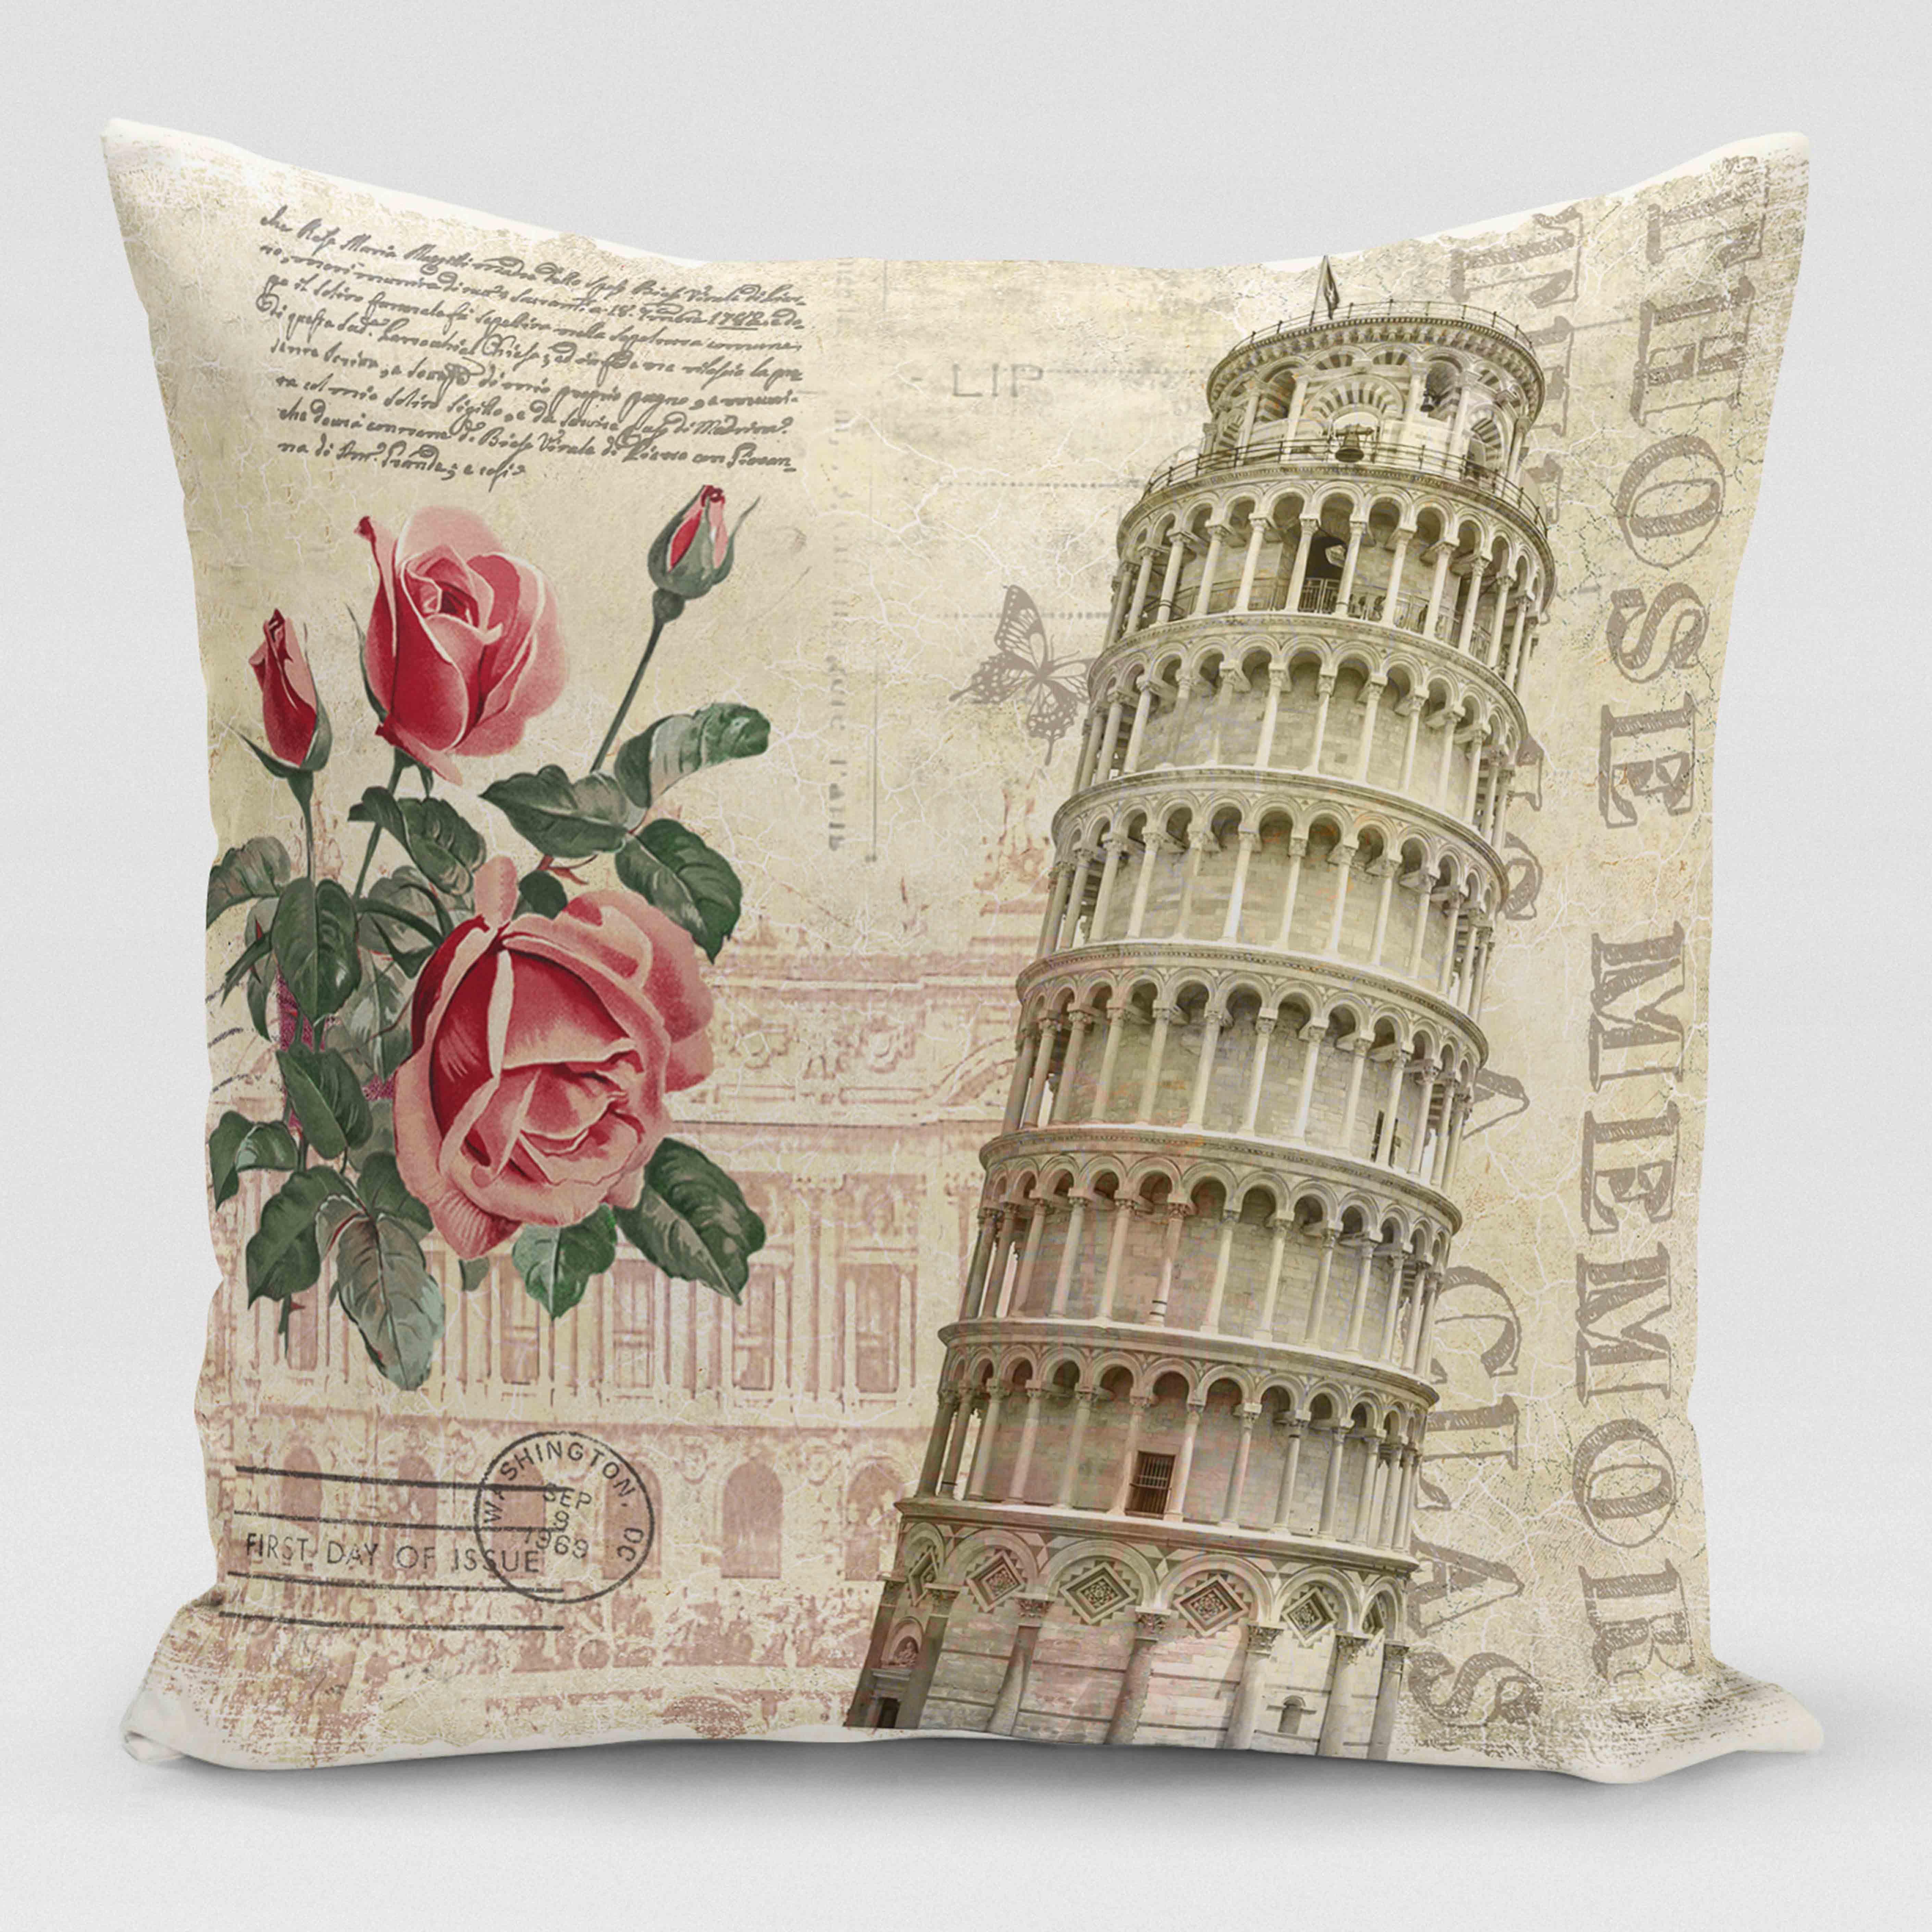 18/'/' Retro Style Eiffel Tower Cushion Cover Chair Seat Cushion Case Pillowcase